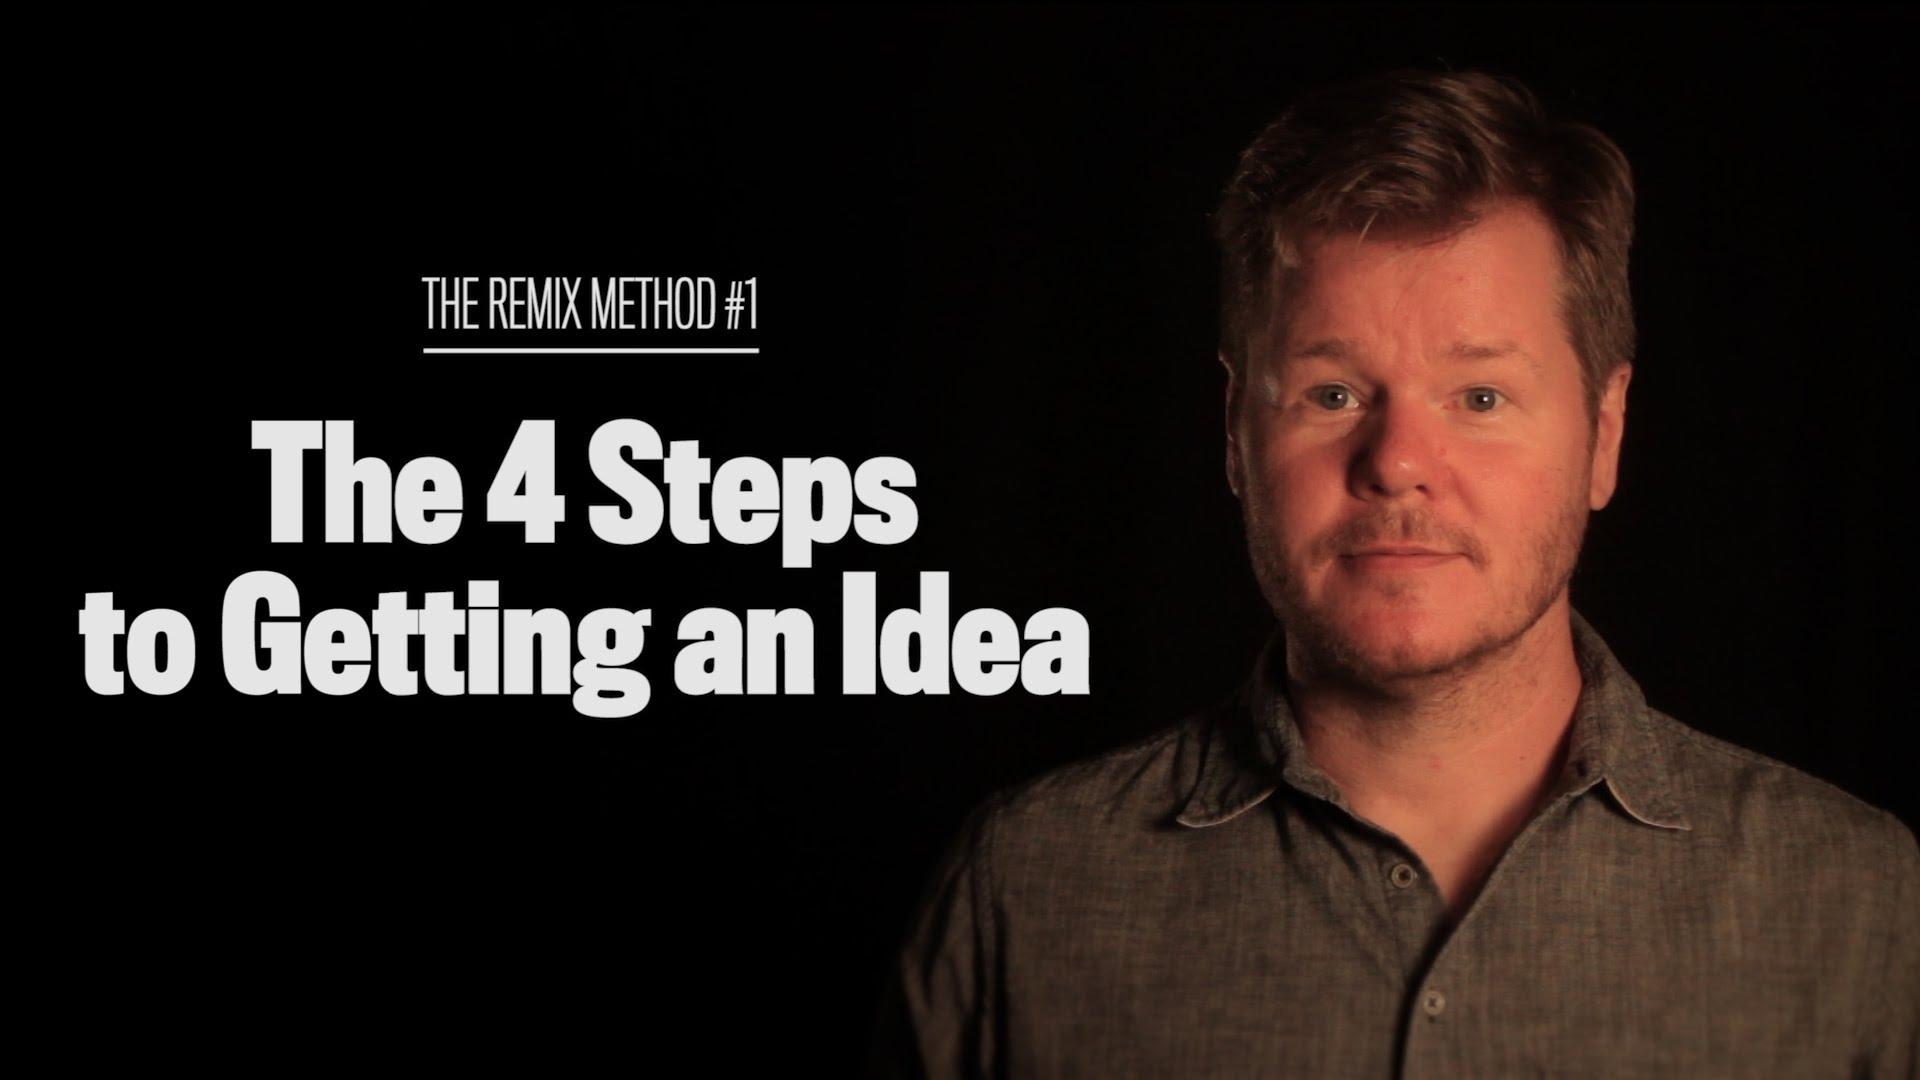 In vier einfachen Schritten zur neuen Idee